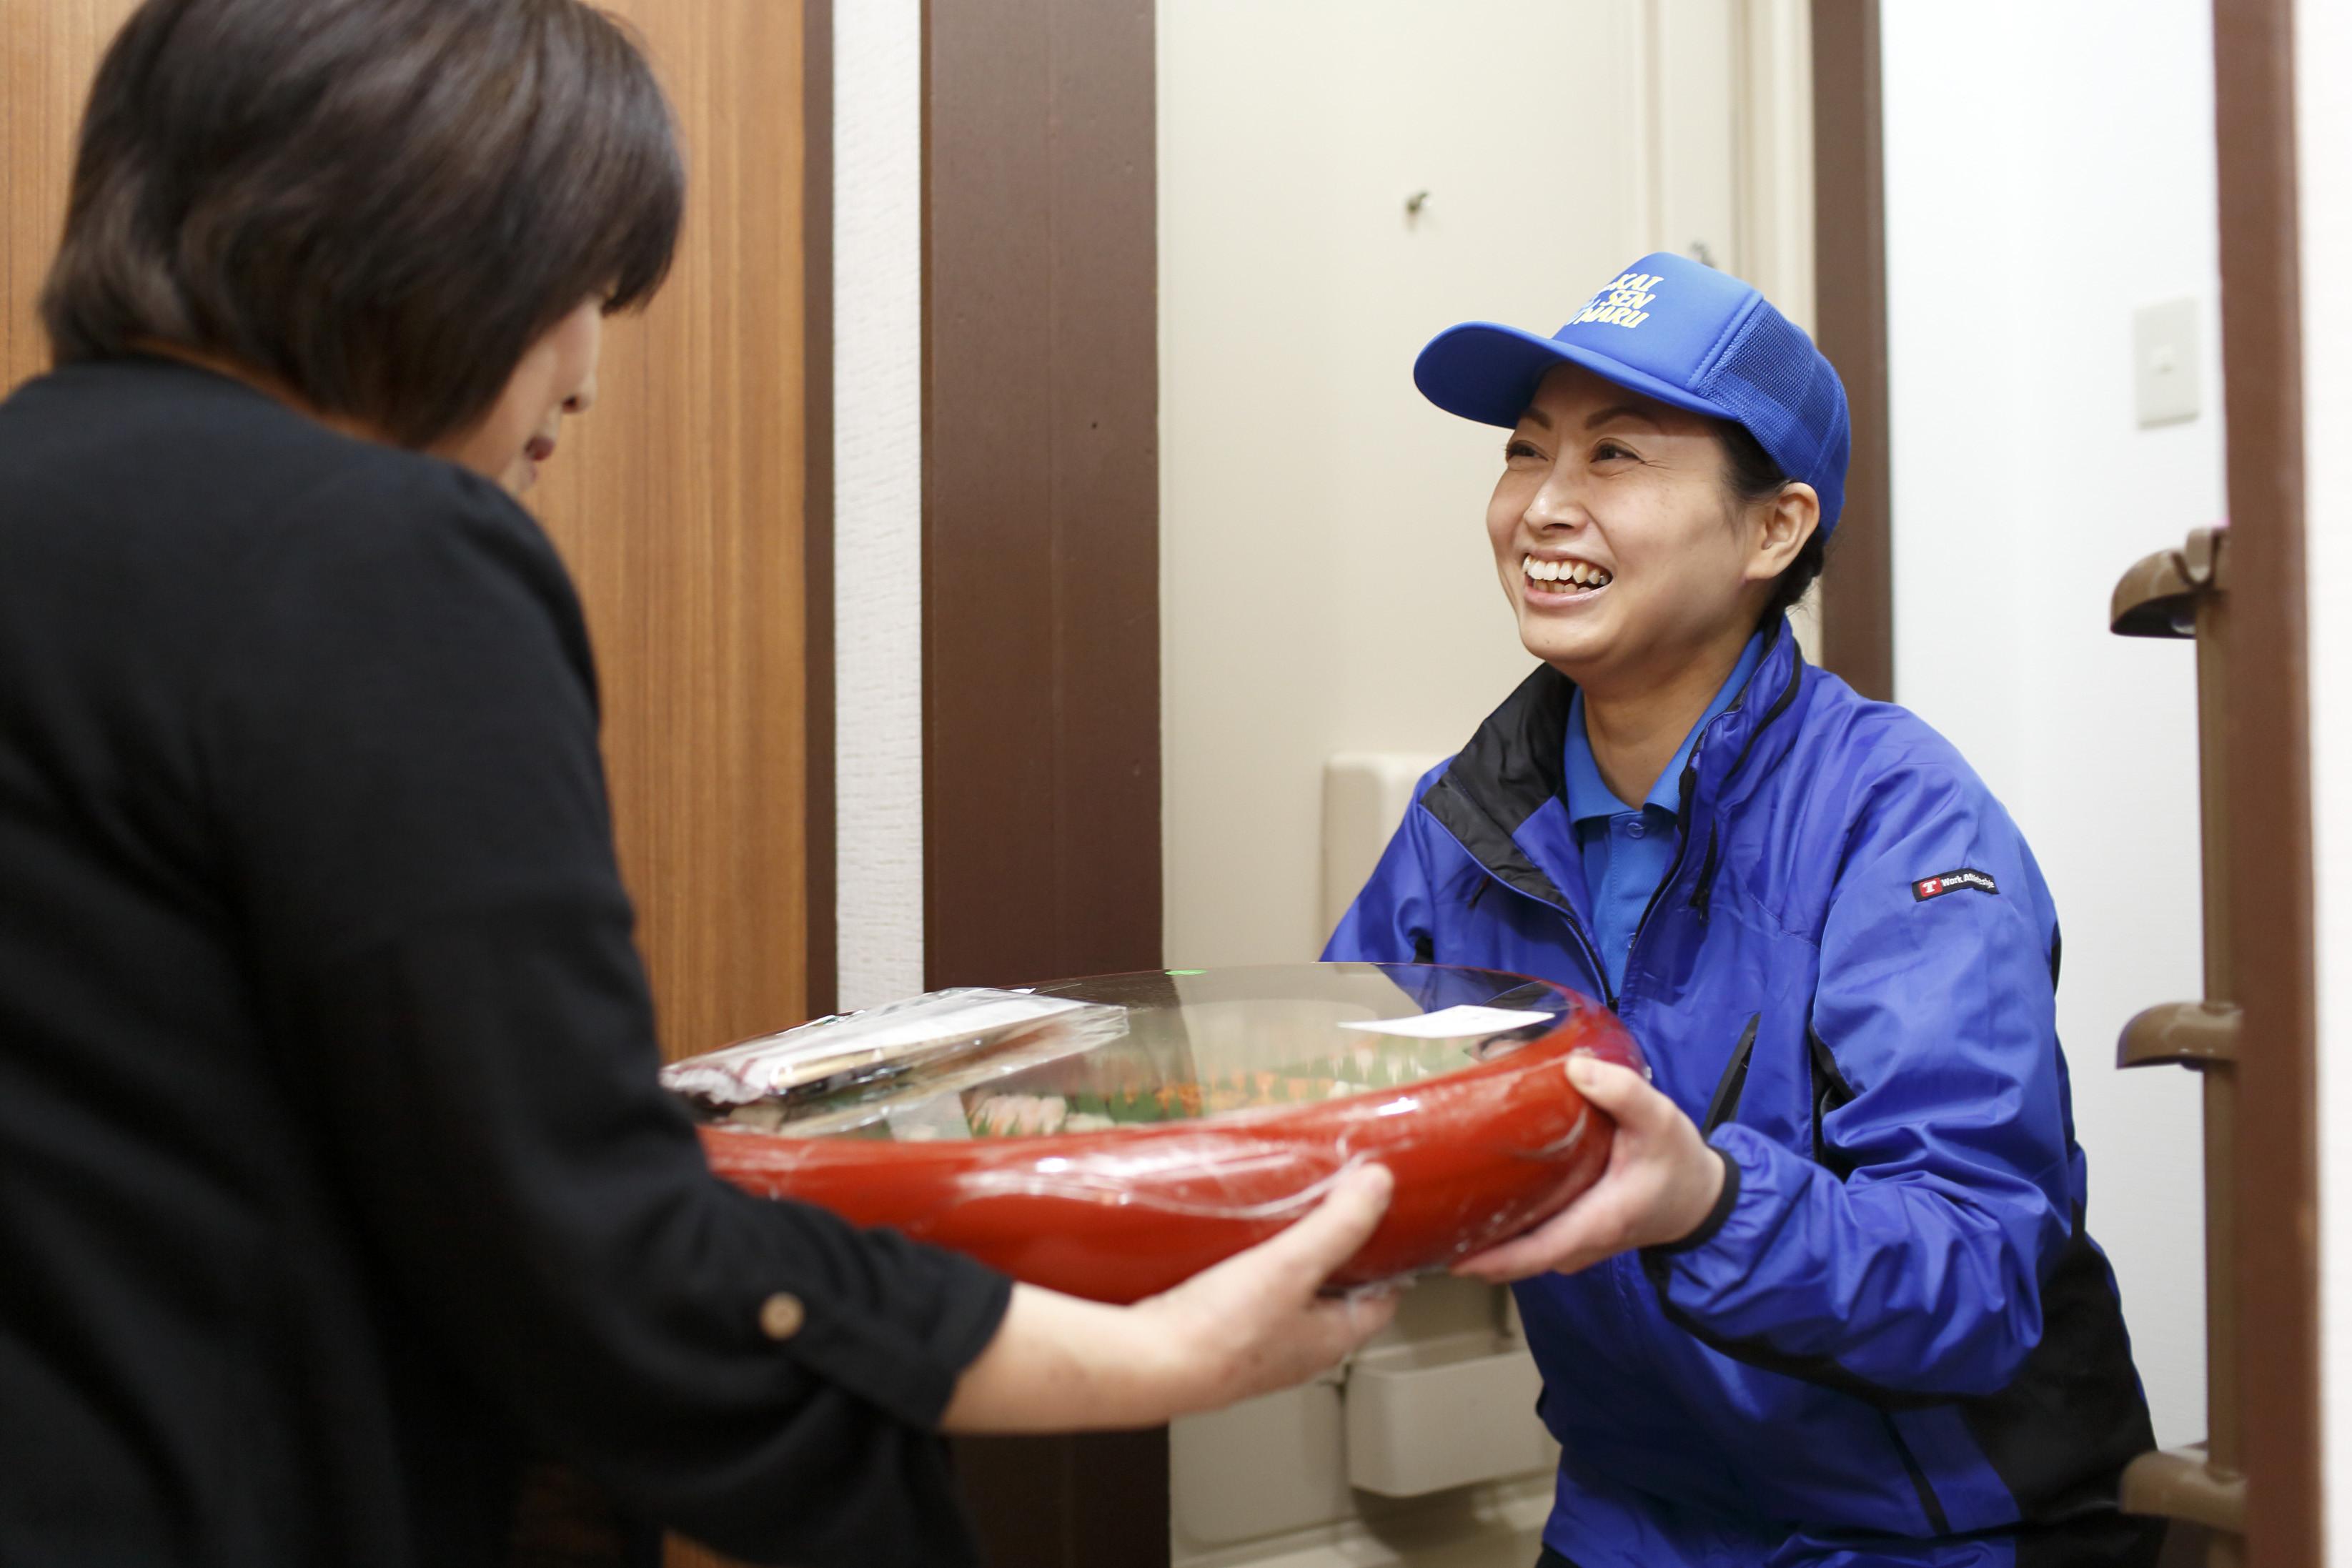 札幌海鮮丸 釧路愛国店 デリバリー(配達)スタッフのアルバイト情報